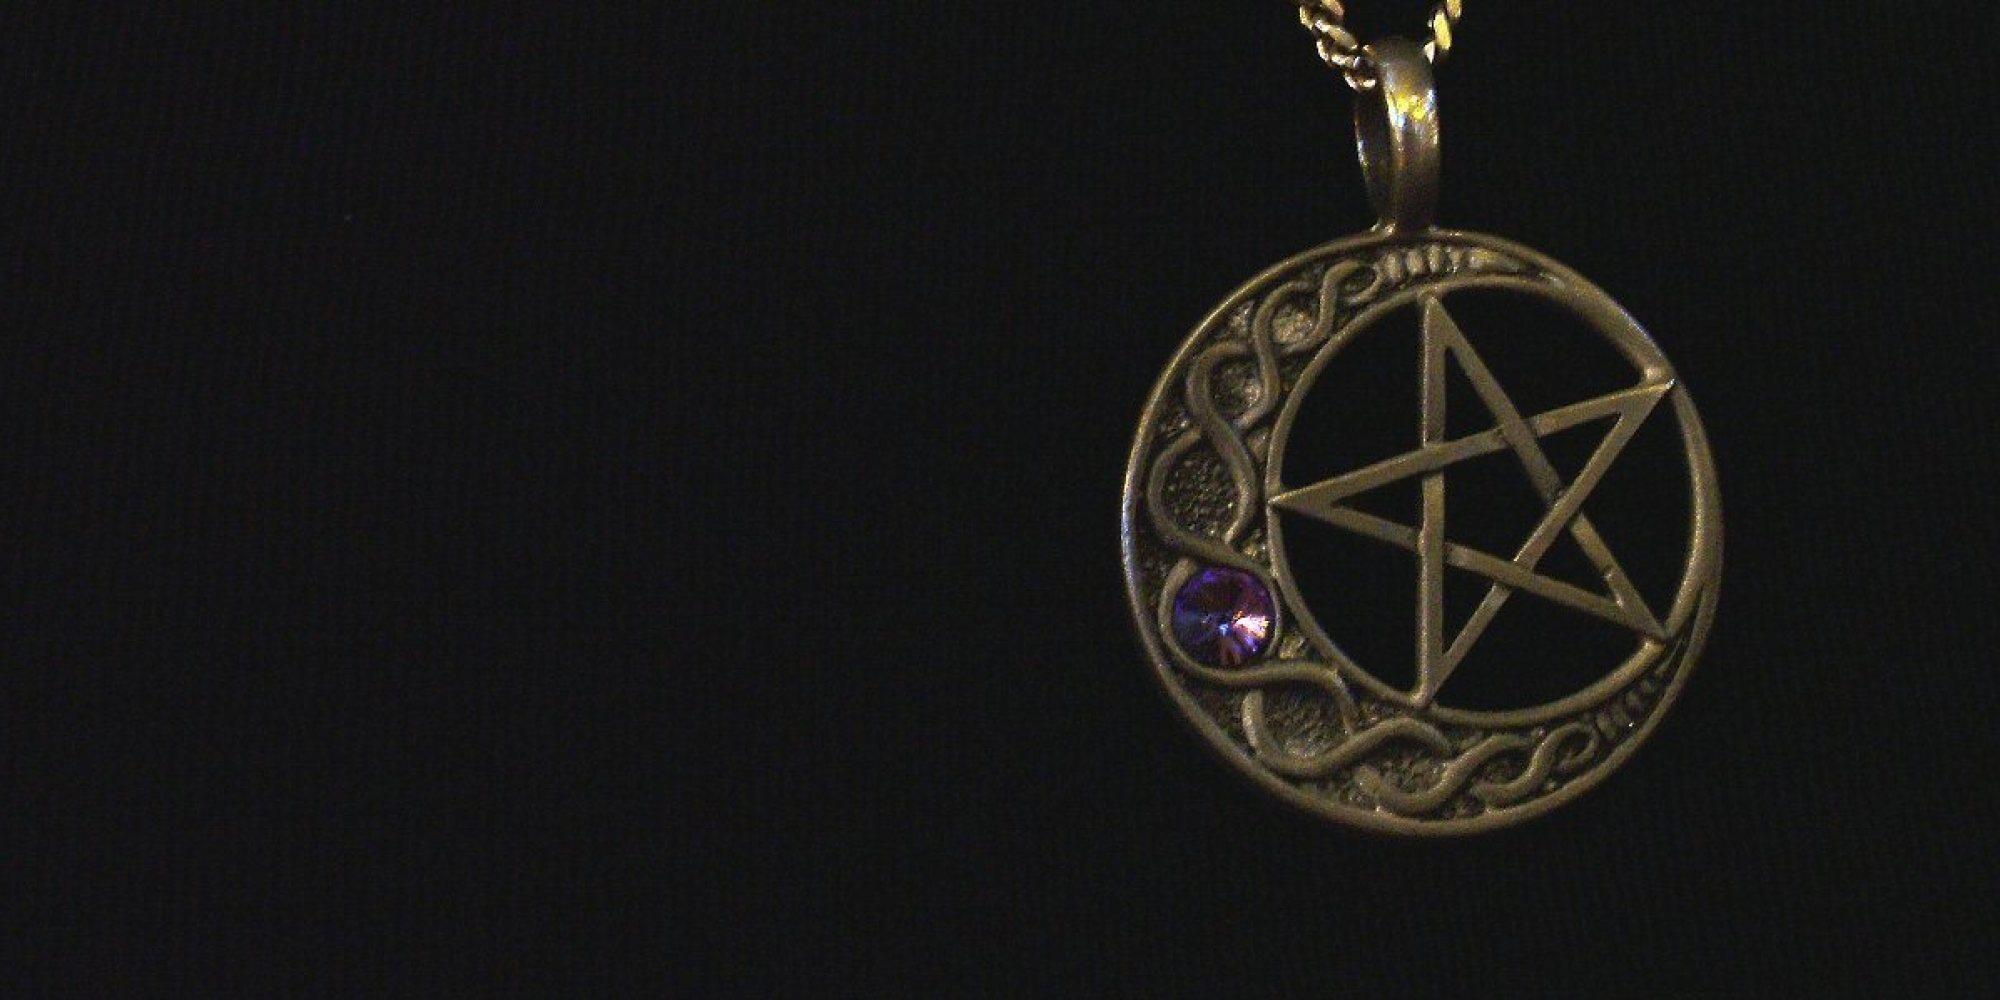 Tajemná wicca: Mocný spolek čarodějů!